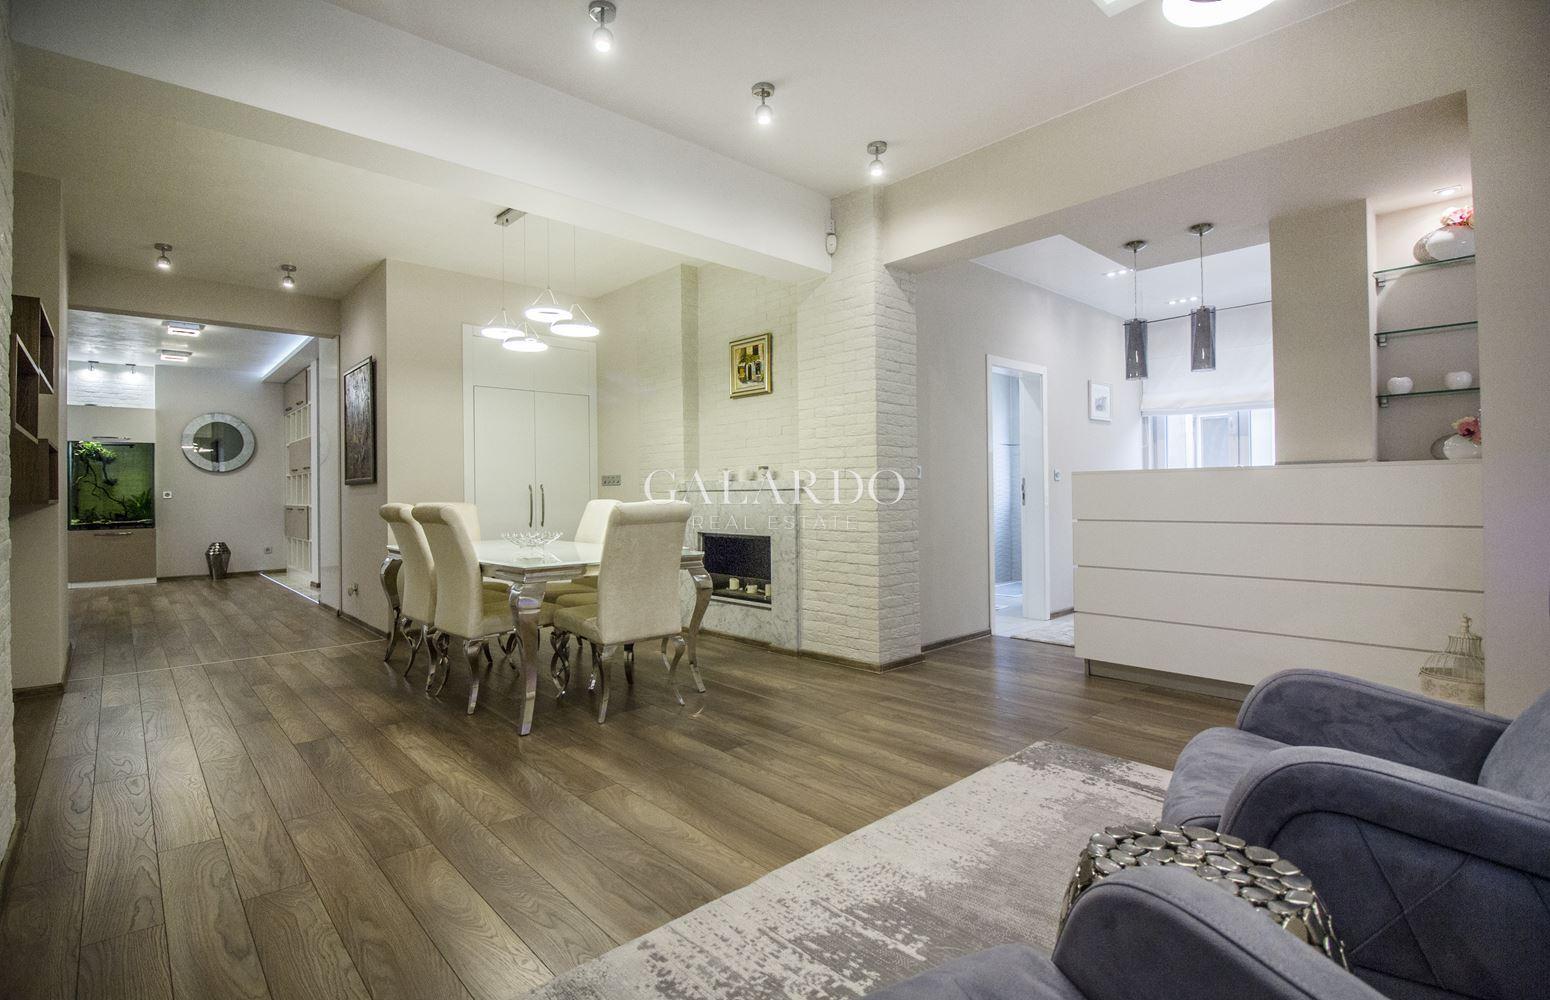 Луксозен напълно обзаведен изключително стилен апартамент в идеален център